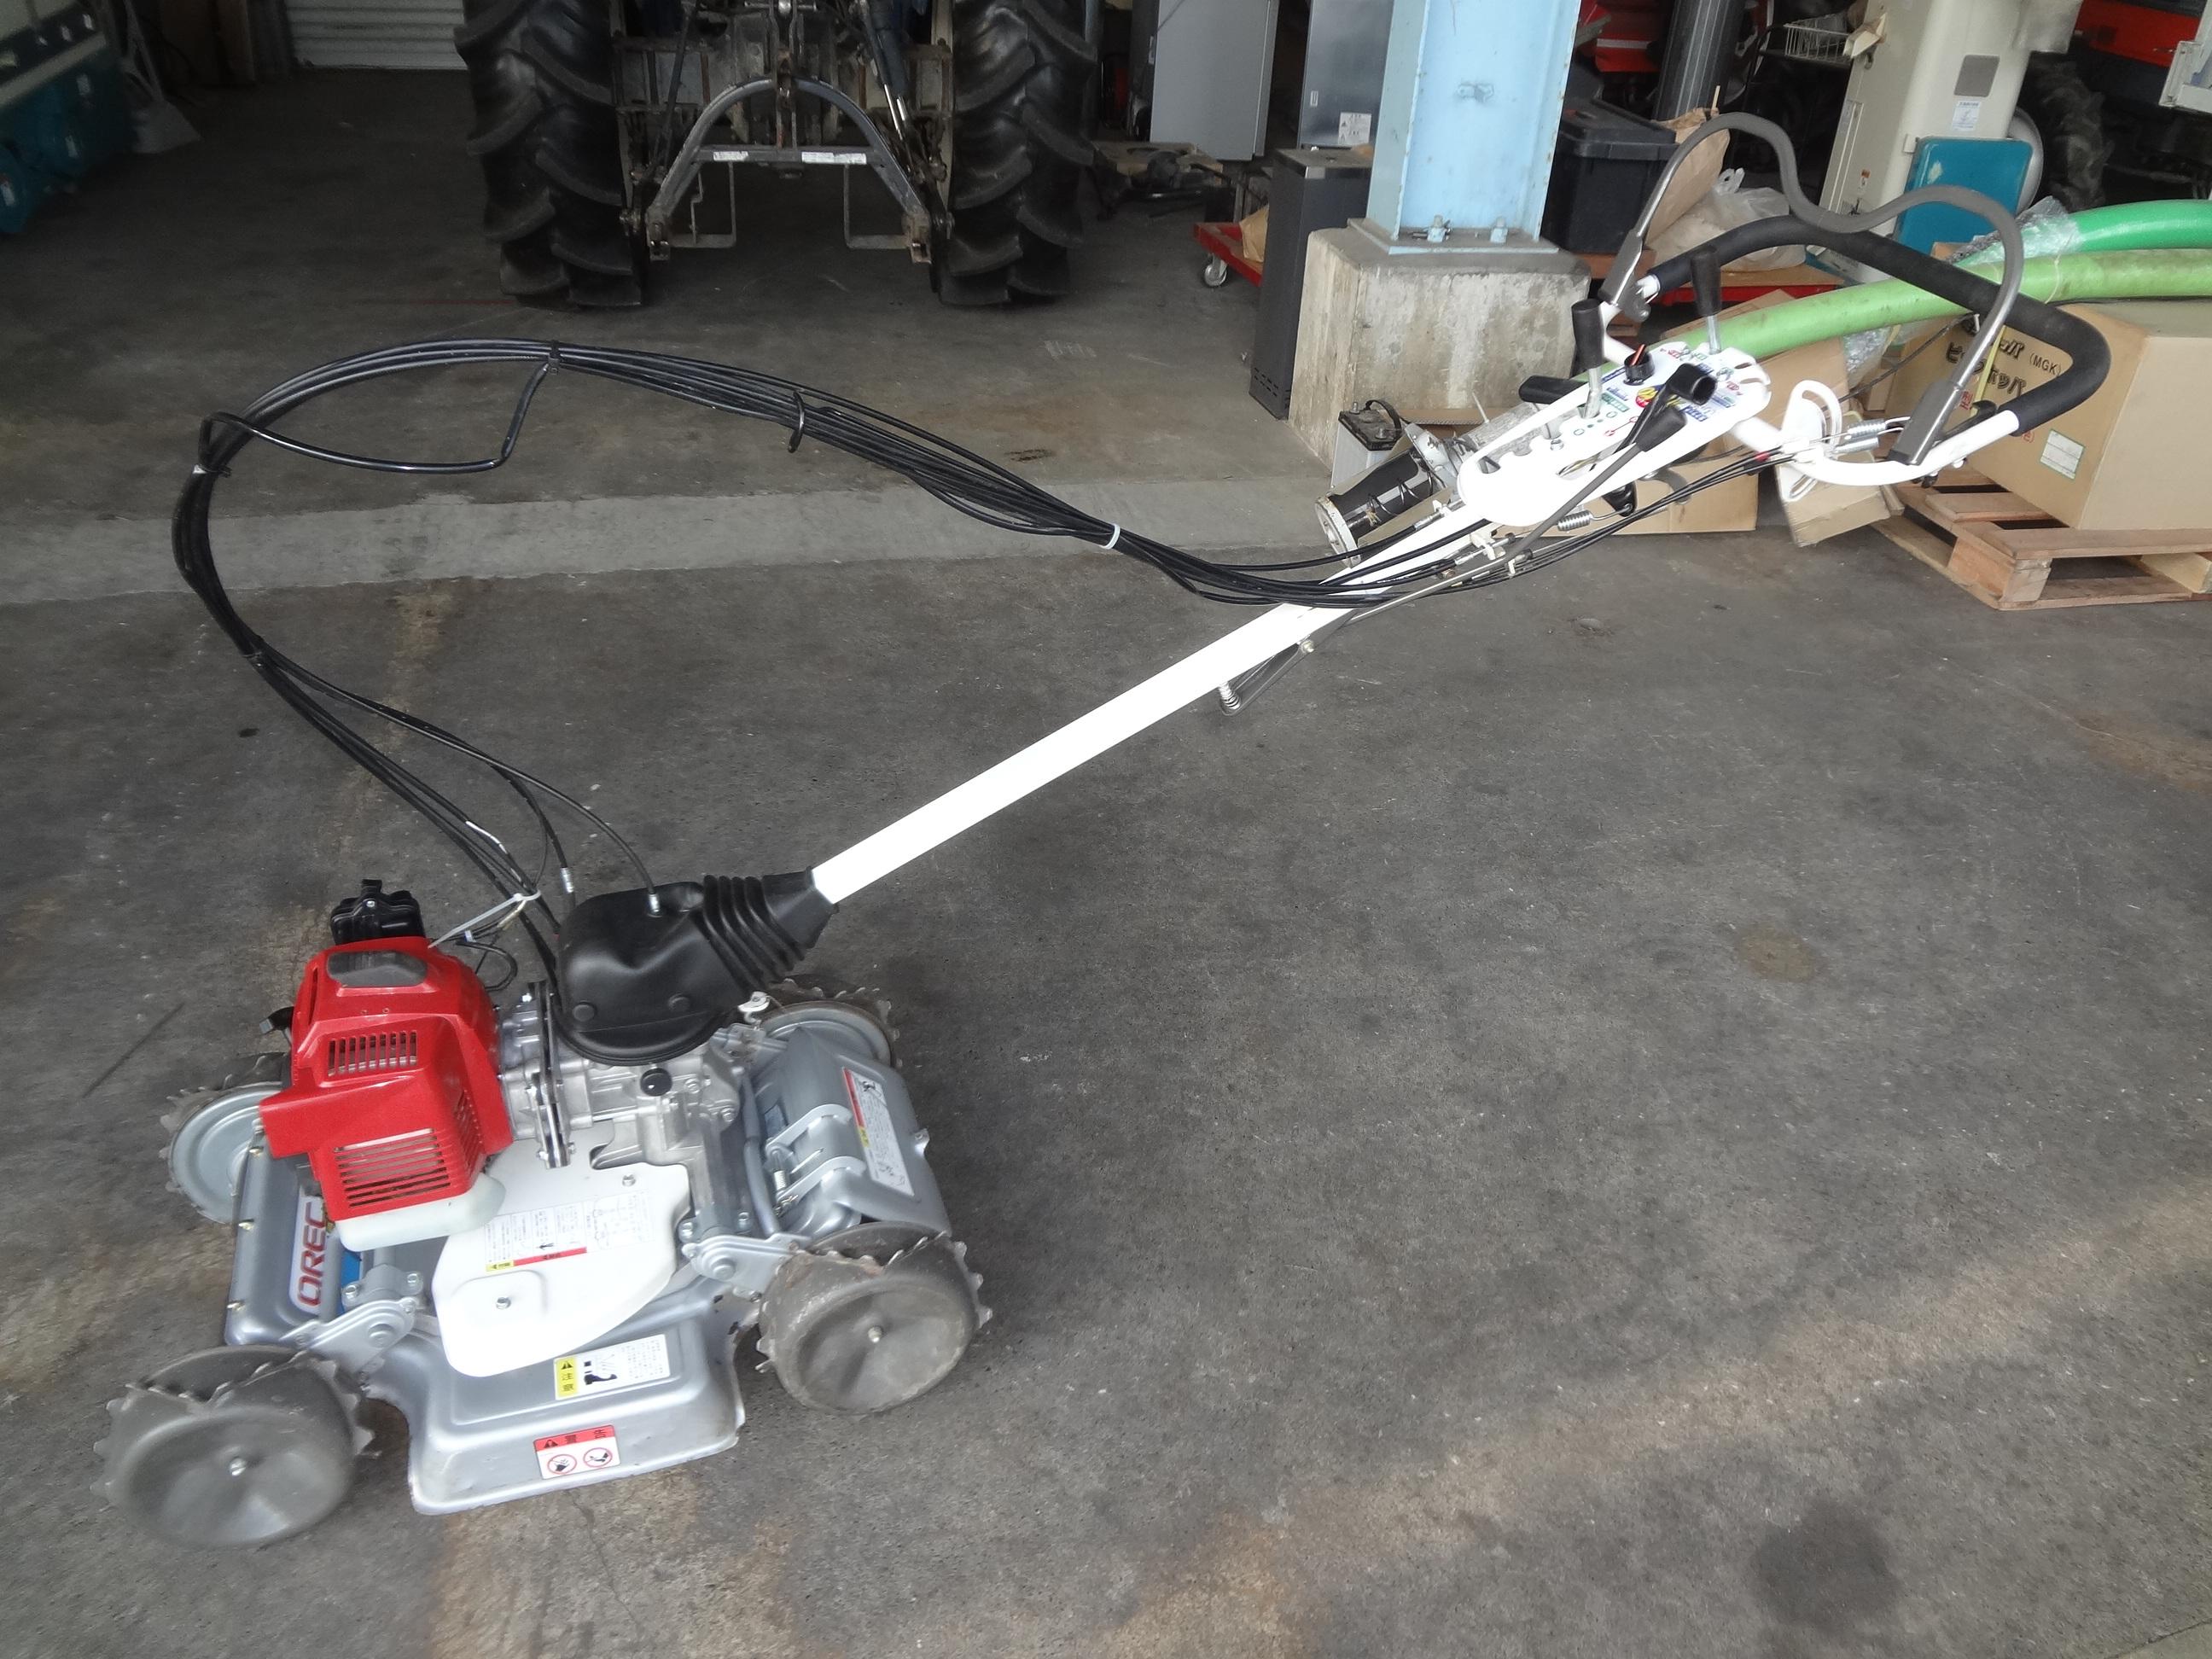 中古斜面草刈り機 オーレックSP650 50ccエンジン 刈幅50cm